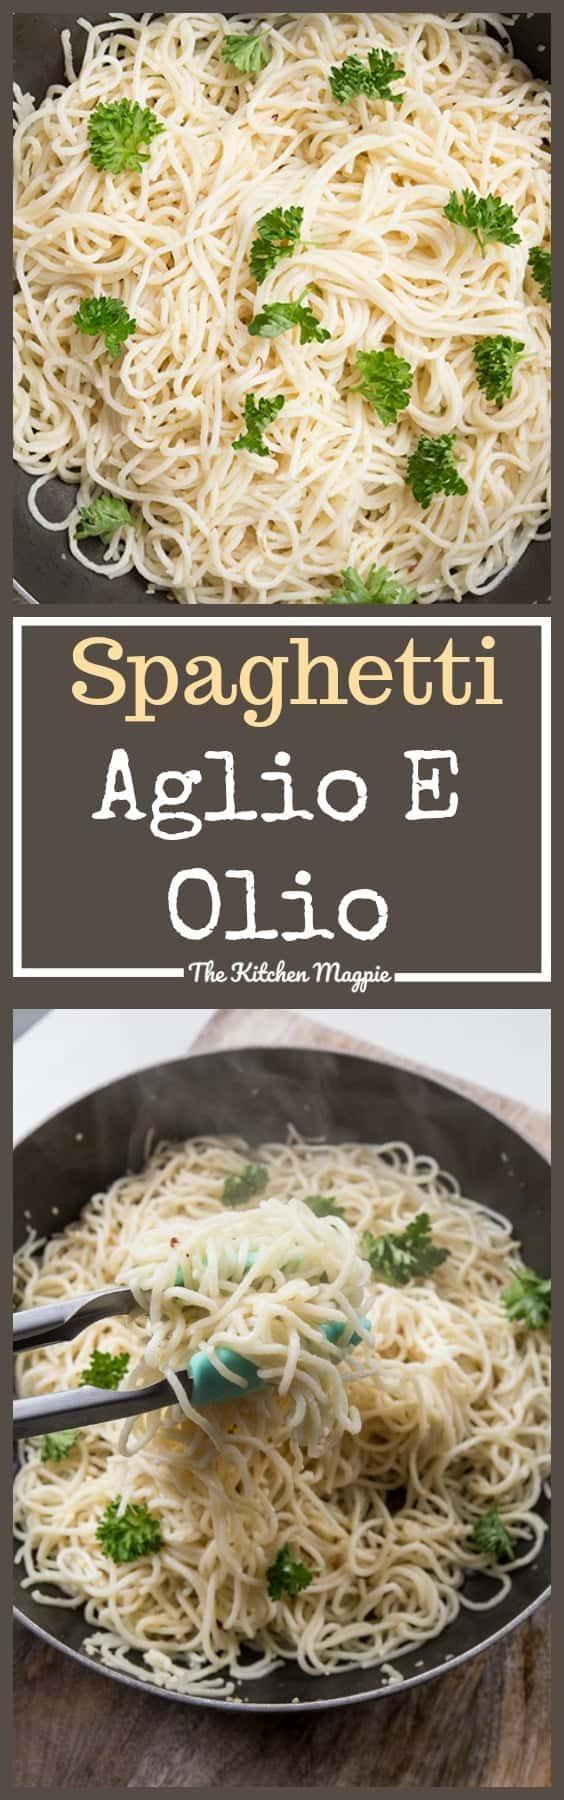 How to Make Spaghetti Aglio E Olio!